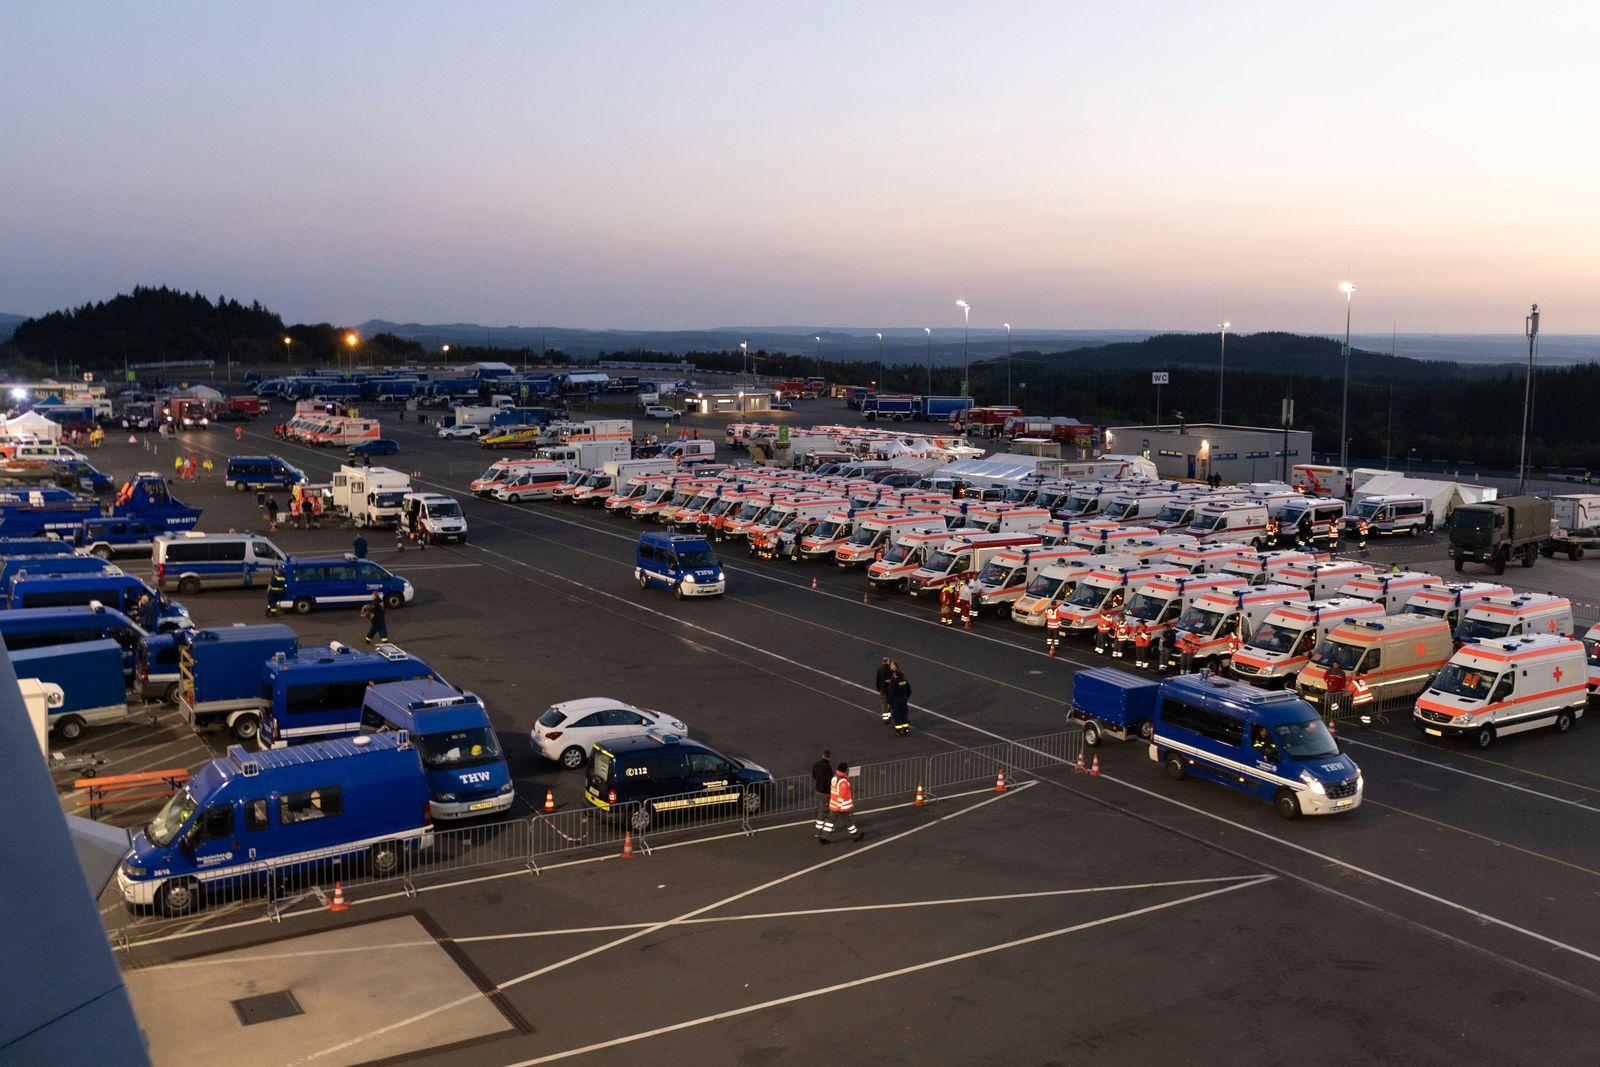 Bereitstellungsraum zur Hilfeleistung der Opfer der Flutkatastrophe in NRW und Rheinland-Pfalz vom 14.07.2021 für die He